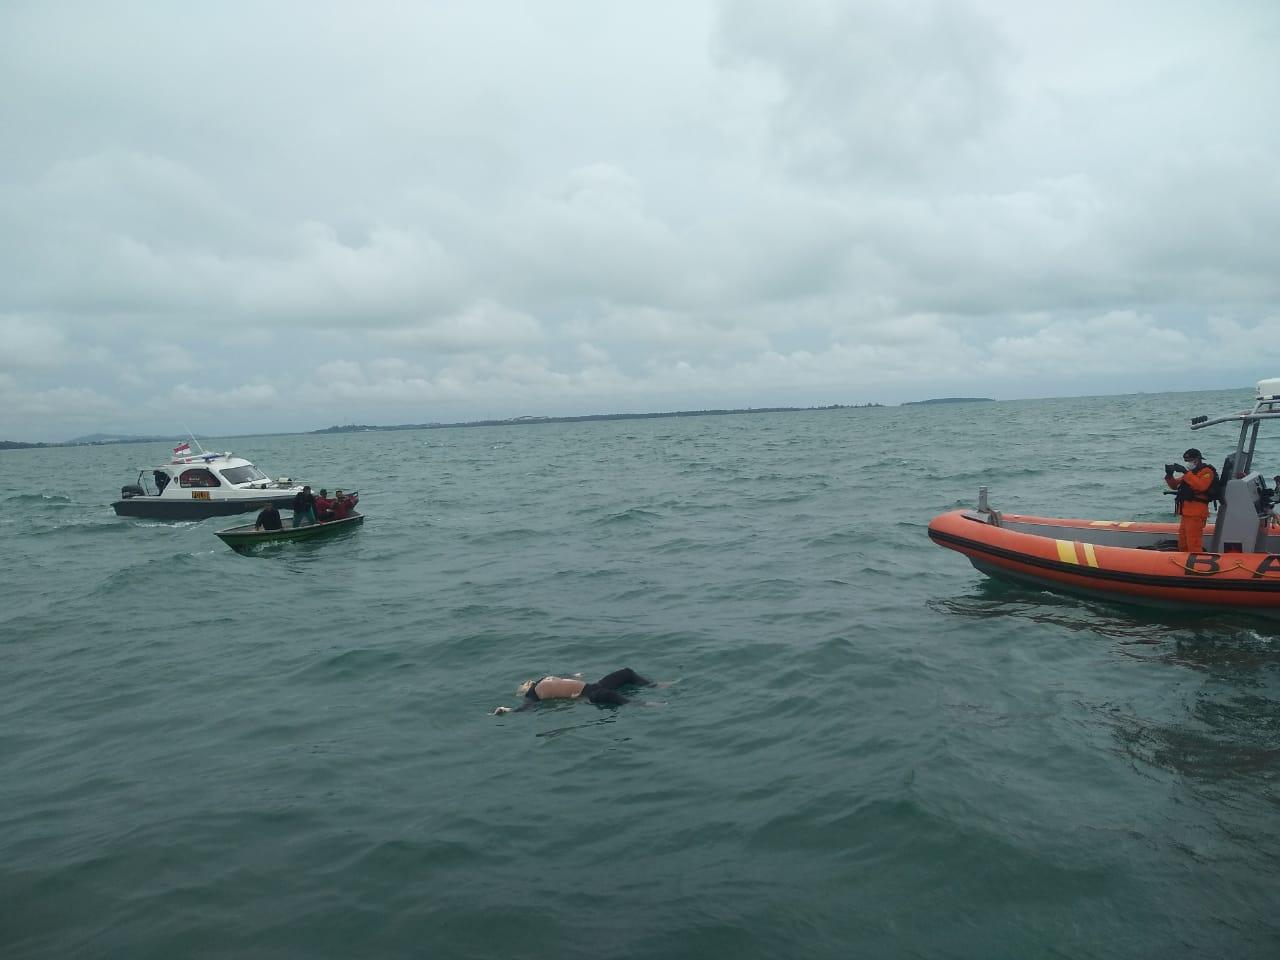 Diduga Jatuh dari Speedboat, Pencarian Hari Ketiga Bujang Ditemukan MD